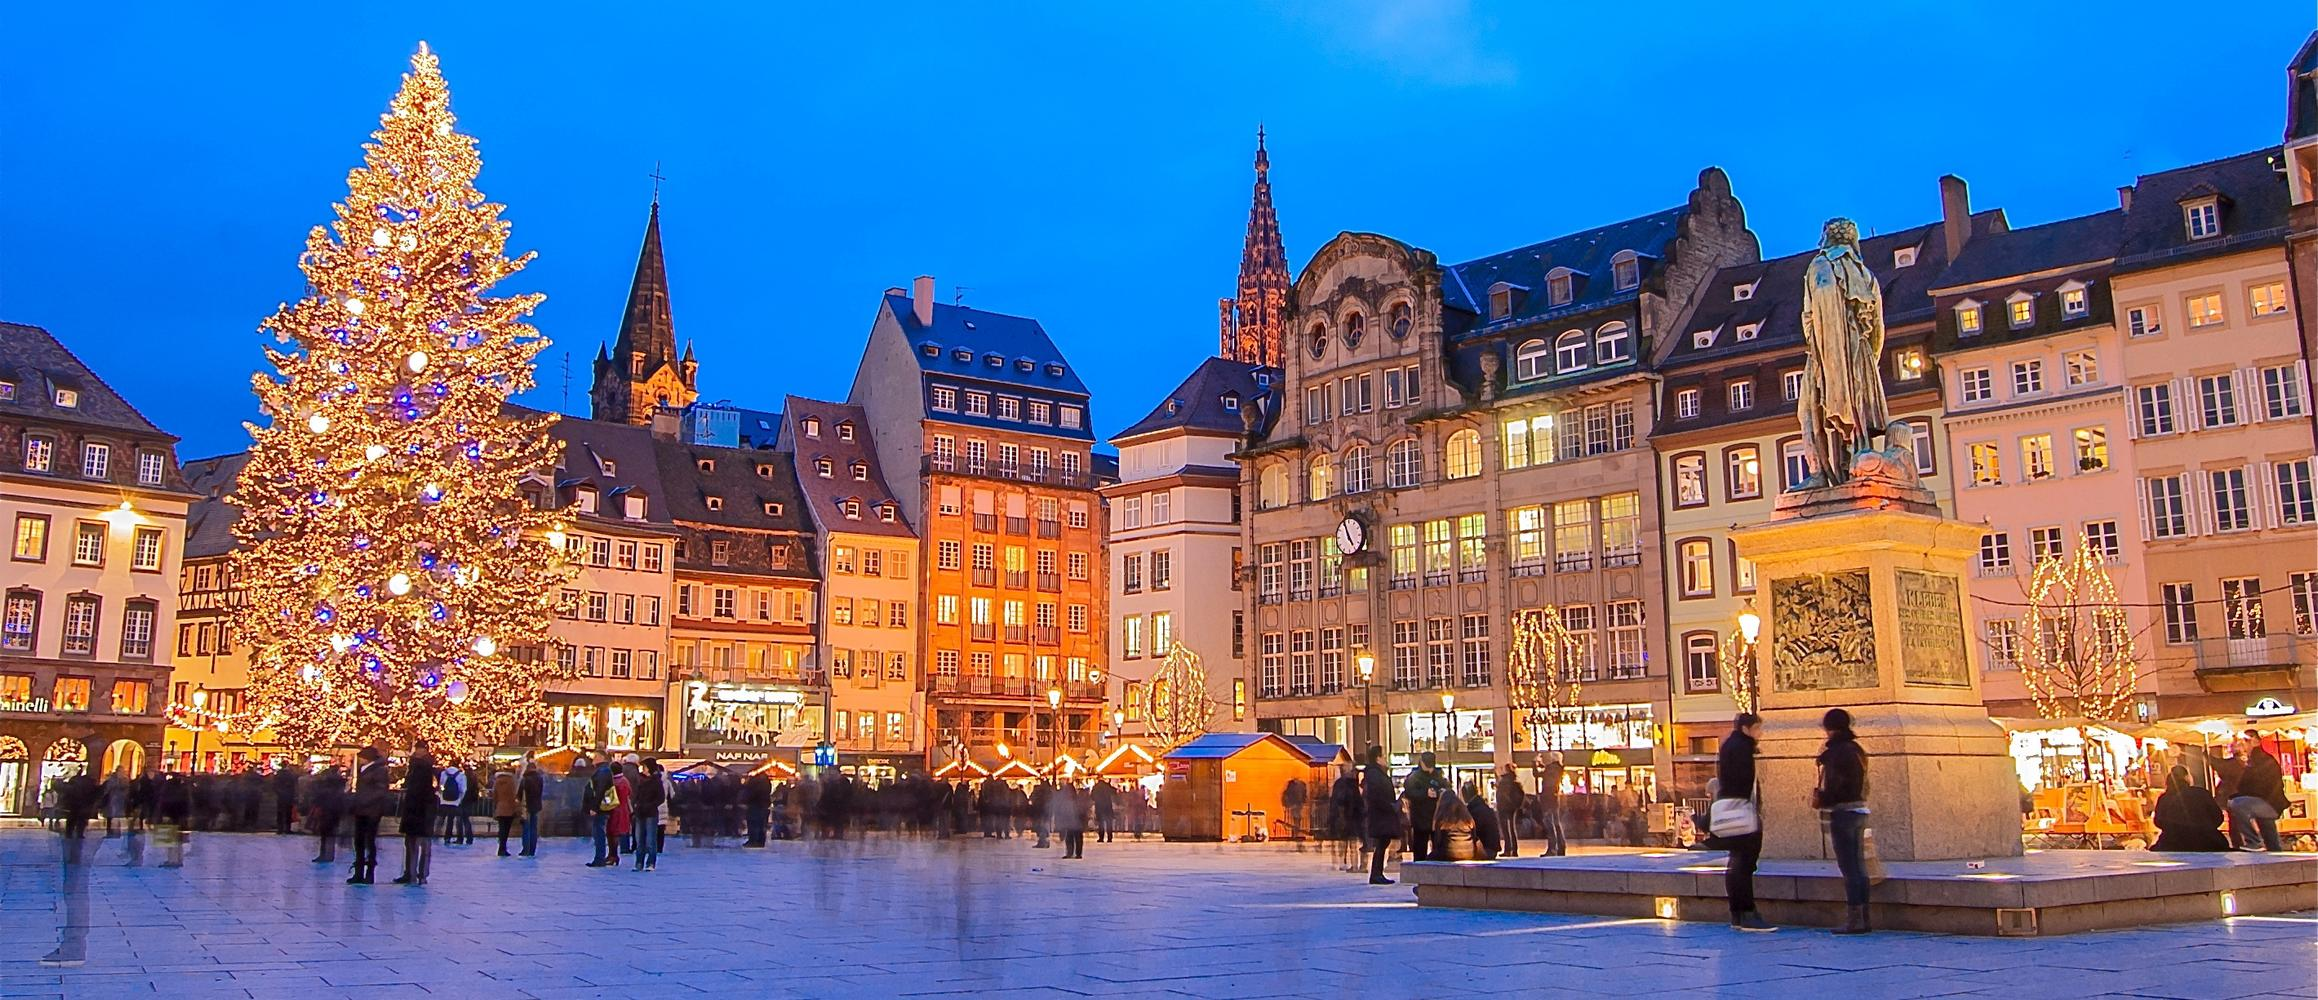 Рождественская ярмарка №3 Marches de Noel, Страсбург, Франция